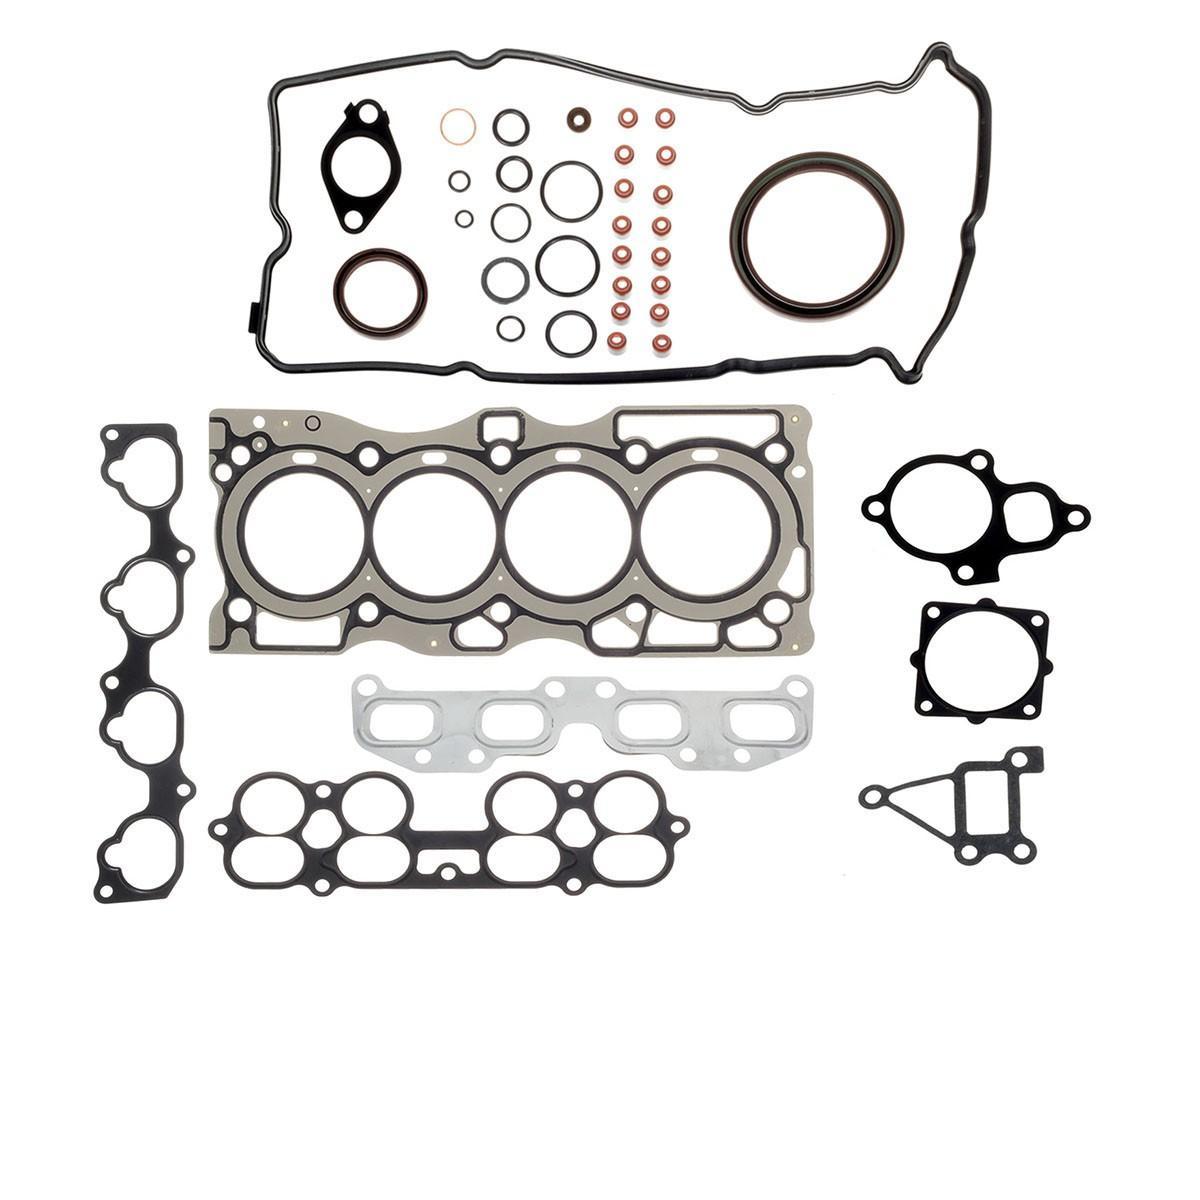 For Nissan Altima Sentra Se R Ser 02 06 2 5l Cylinder Head